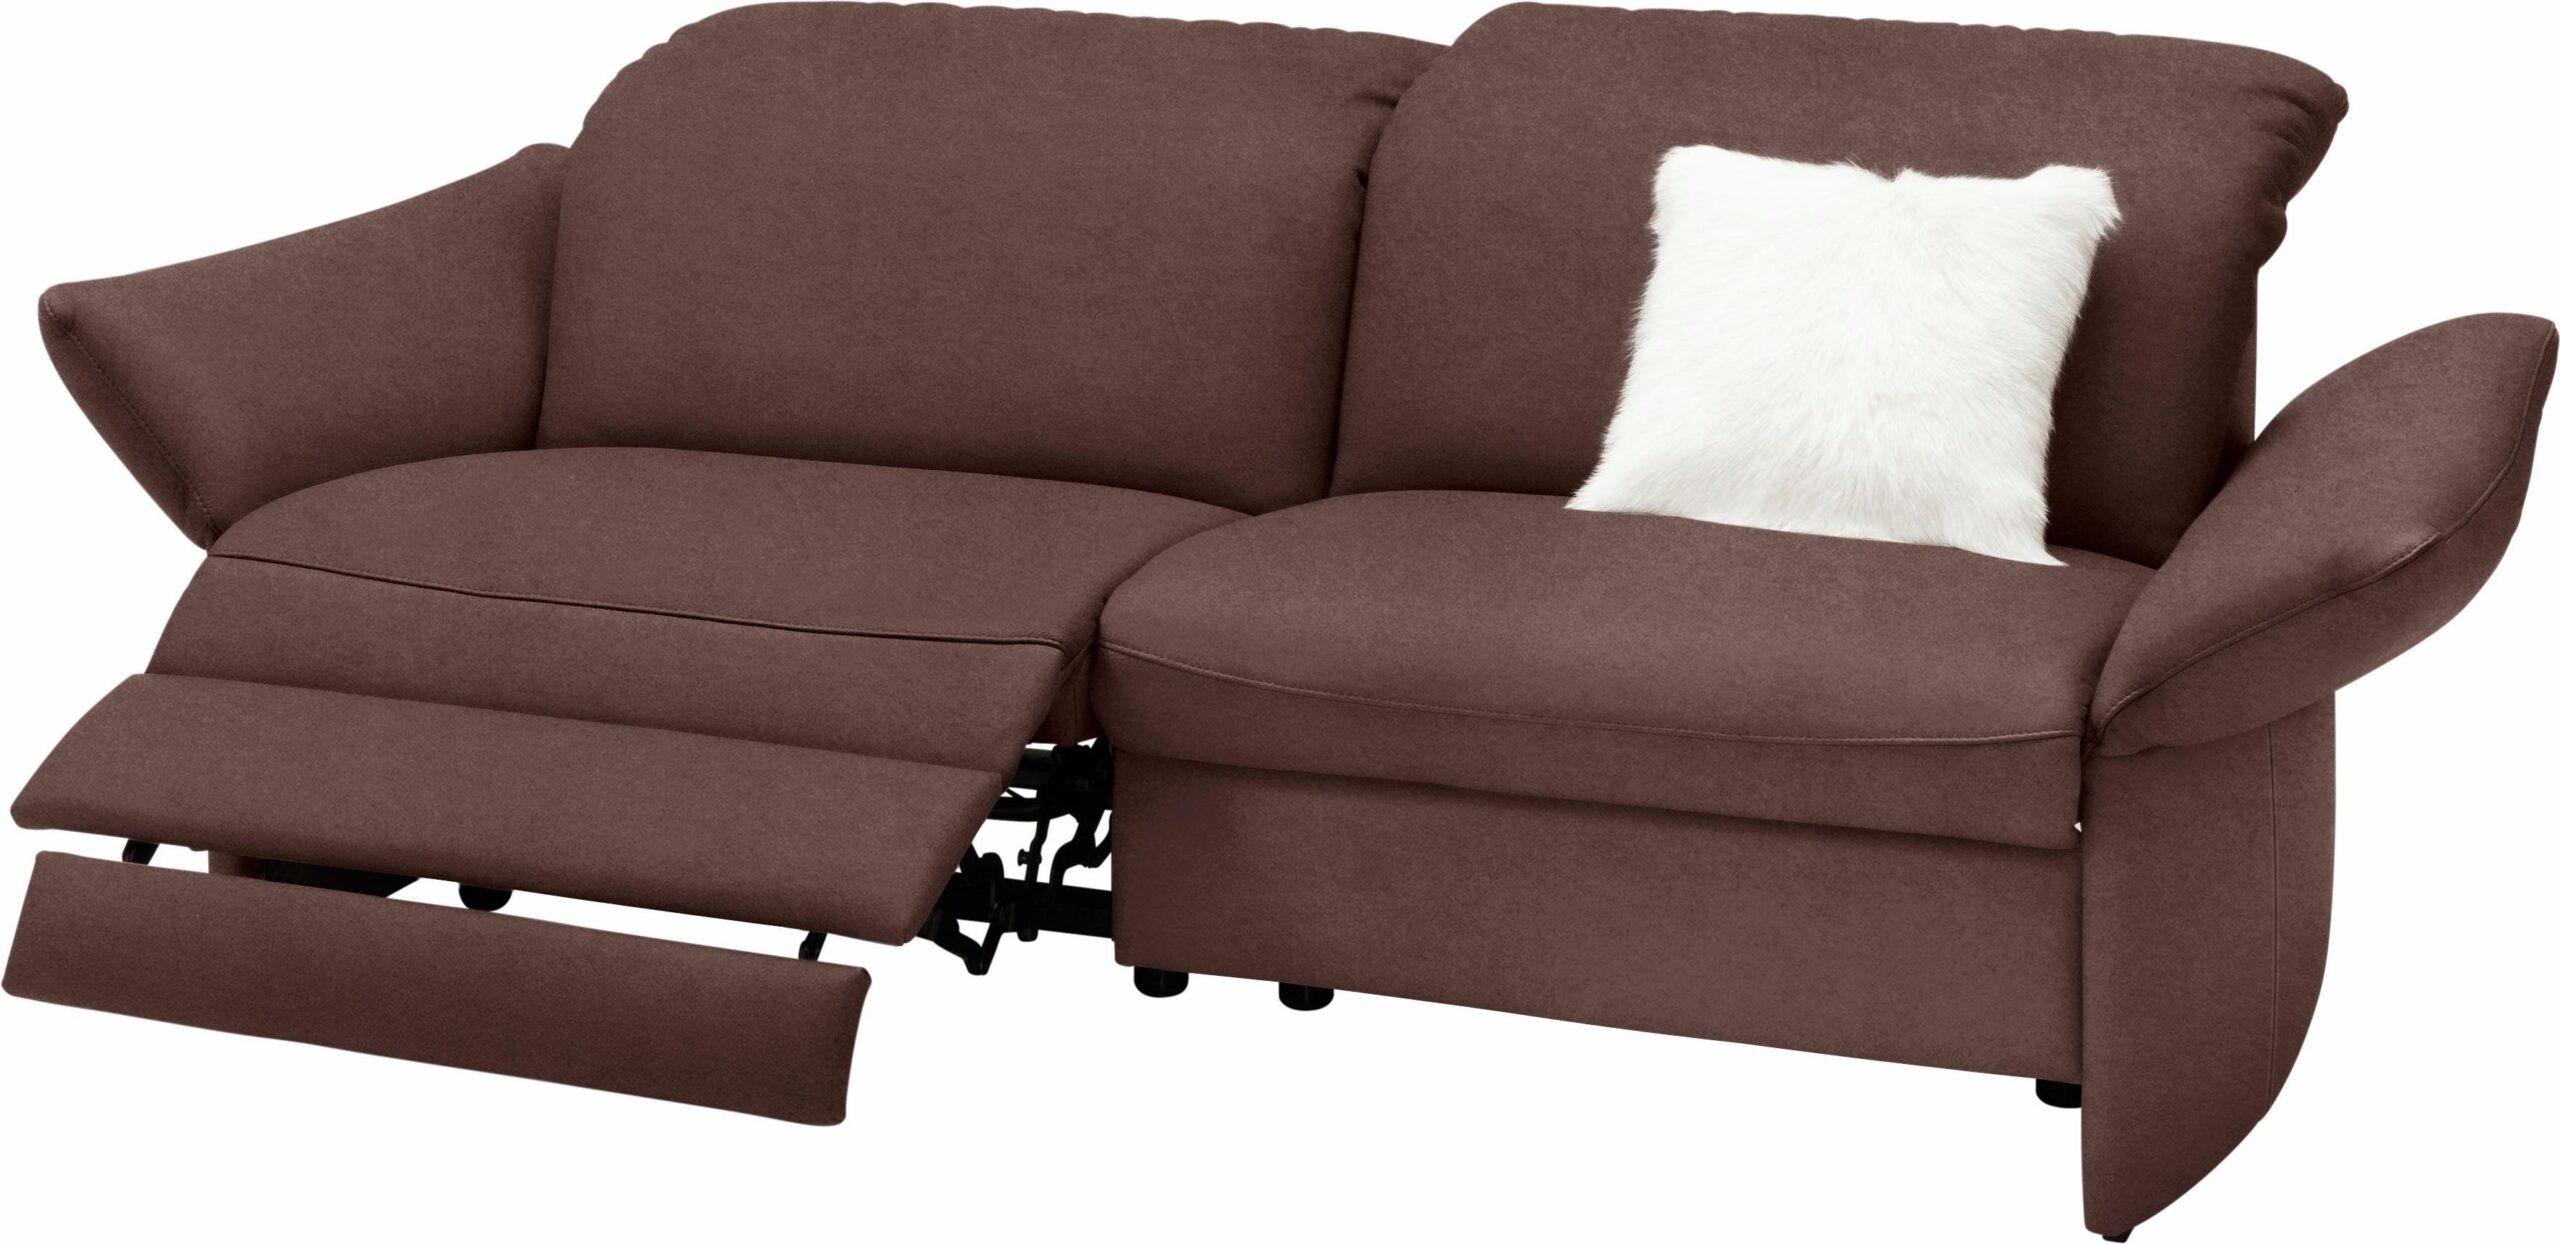 Full Size of Sofa Mit Relaxfunktion 3 Sitzer Bett Ausziehbett Elektrisch Große Kissen Sitzhöhe 55 Cm Schlafzimmer Set Boxspringbett L Schlaffunktion Günstig Kaufen Sofa Sofa Mit Relaxfunktion 3 Sitzer